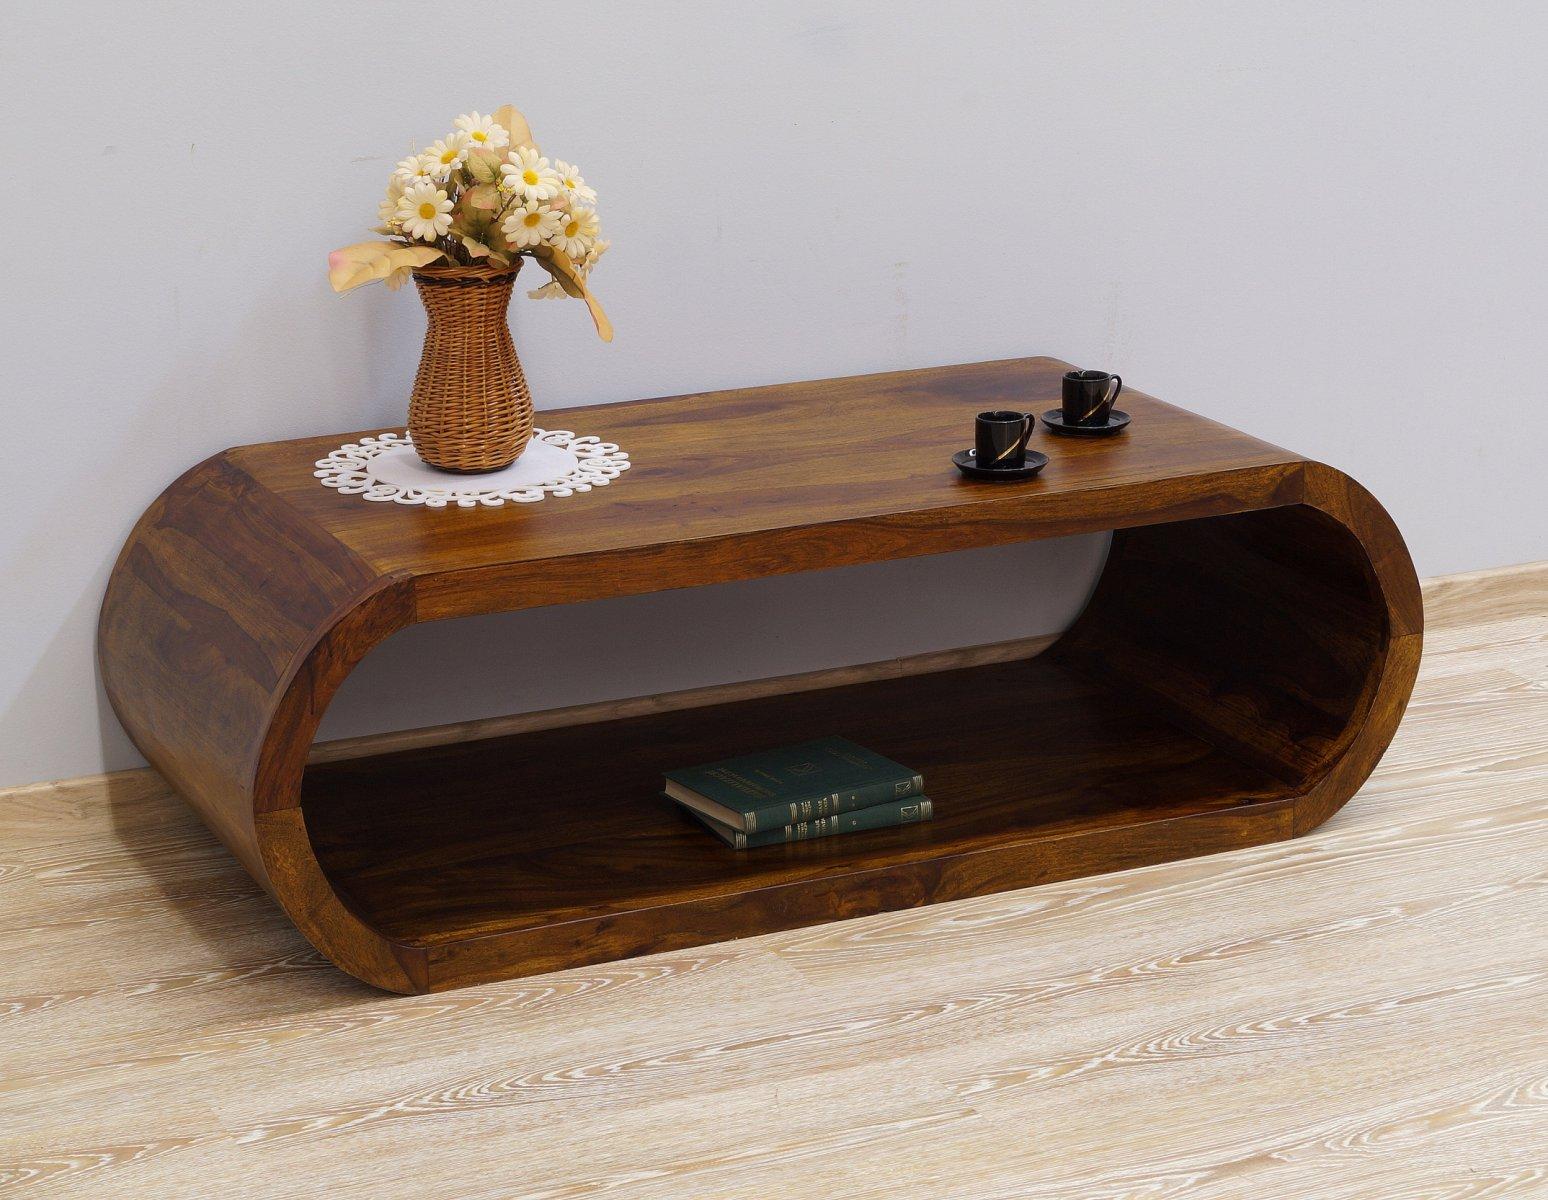 Stolik kolonialny lite drewno palisander indyjski jasny brąz nowoczesny unikatowy kształt